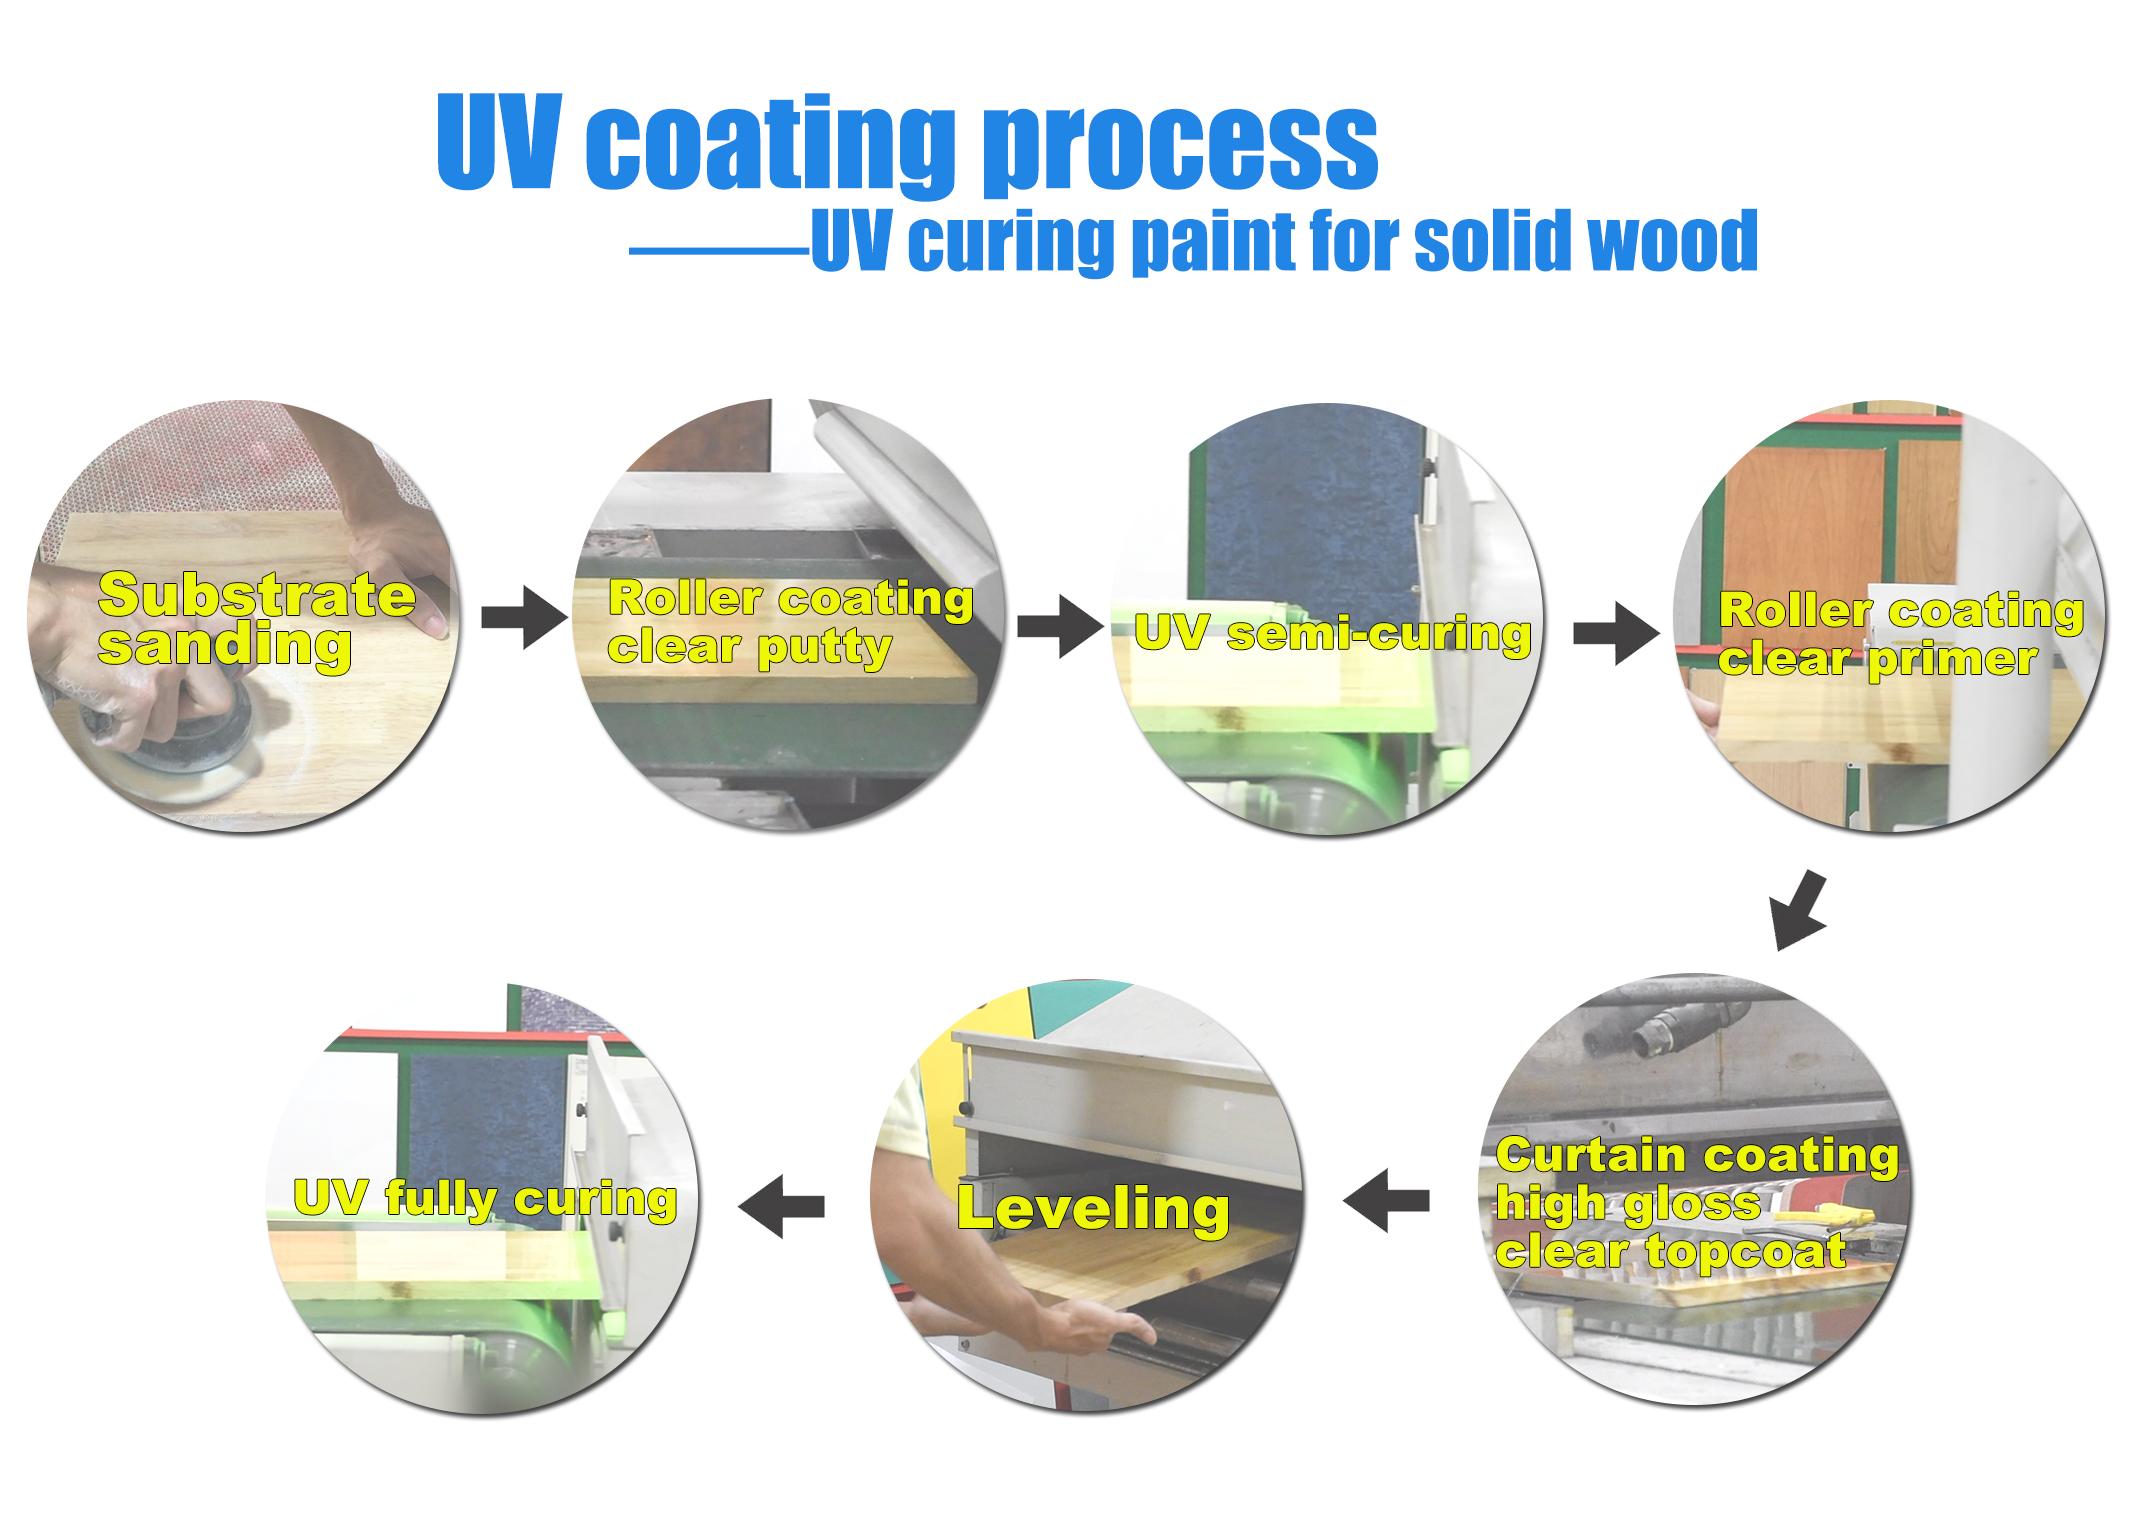 طلاء الخشب للأشعة فوق البنفسجية للخشب الصلب